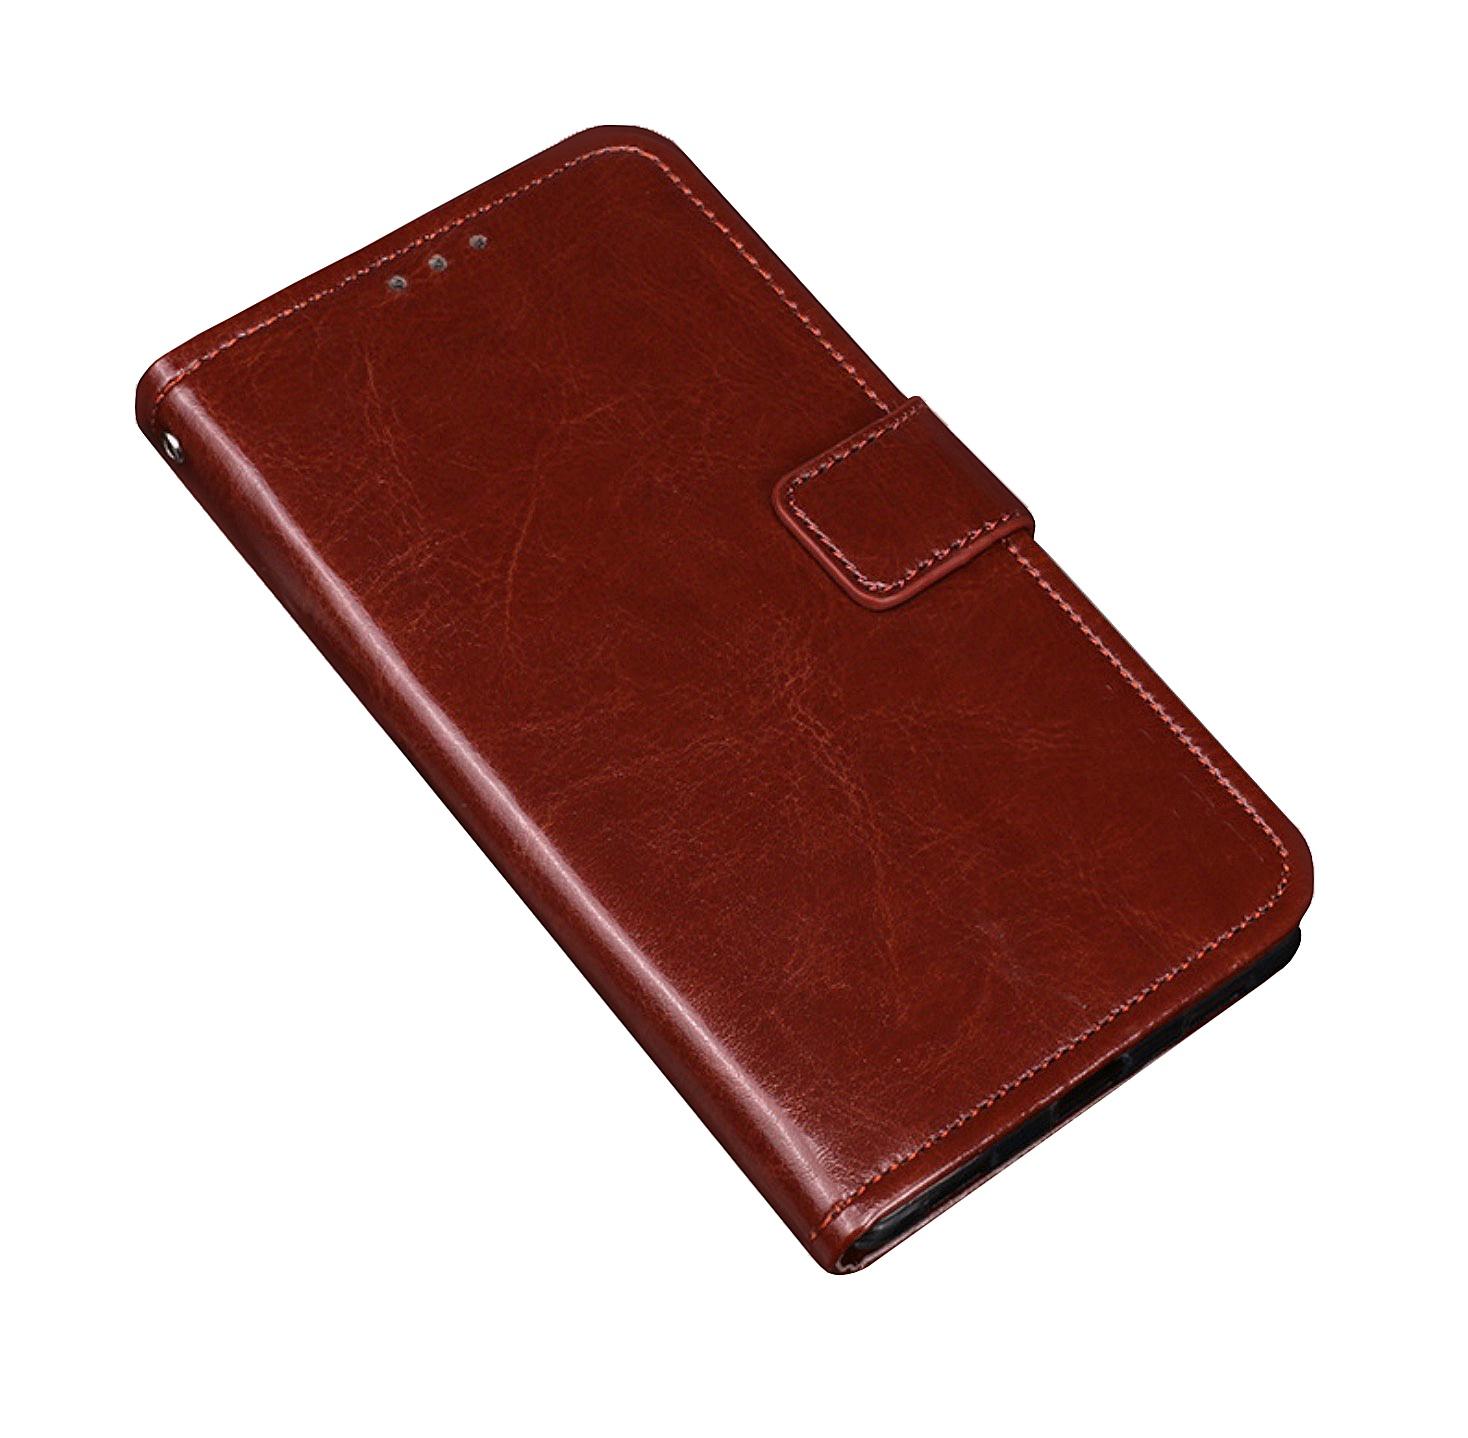 Чехол MyPads для Samsung Galaxy Grand I9082 с мульти-подставкой застёжкой и визитницей коричневый все цены